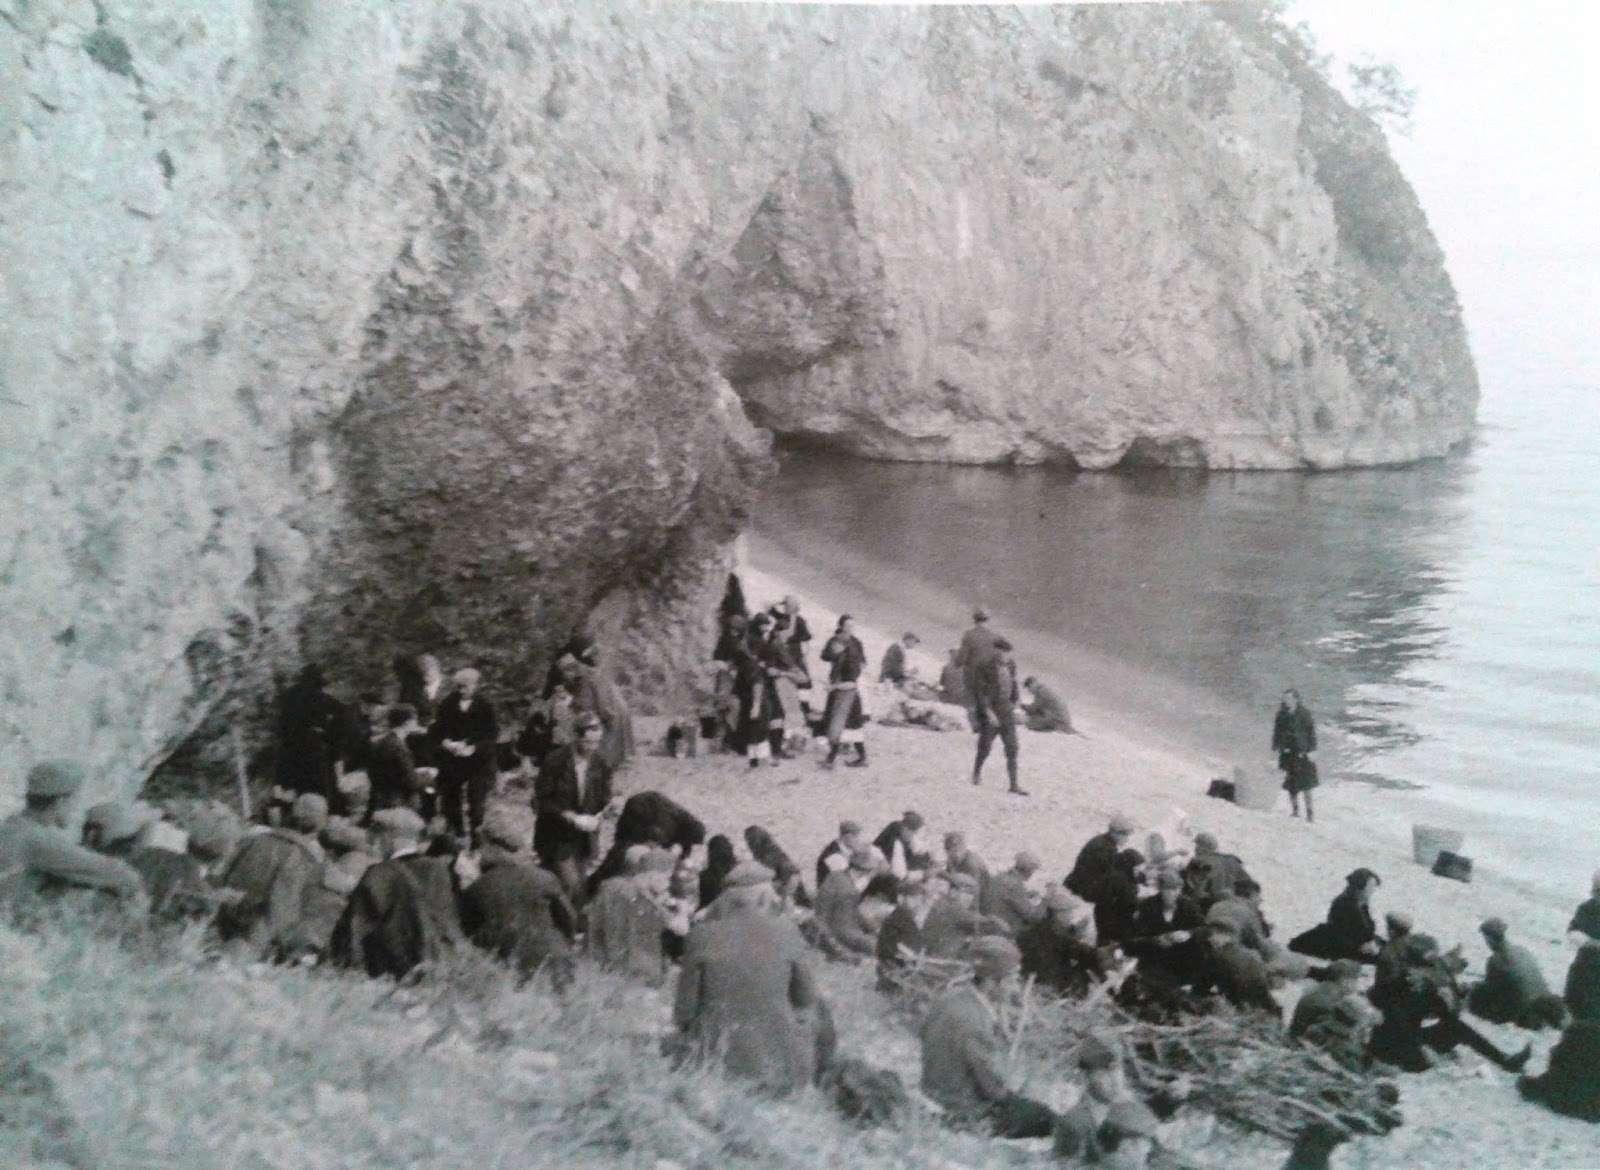 Μοναδική φωτογραφία με κατοίκους των Πρεσπών και μαχητές του ΔΣΕ σε ώρα ανάπαυλας στις ακτές των Πρεσπών